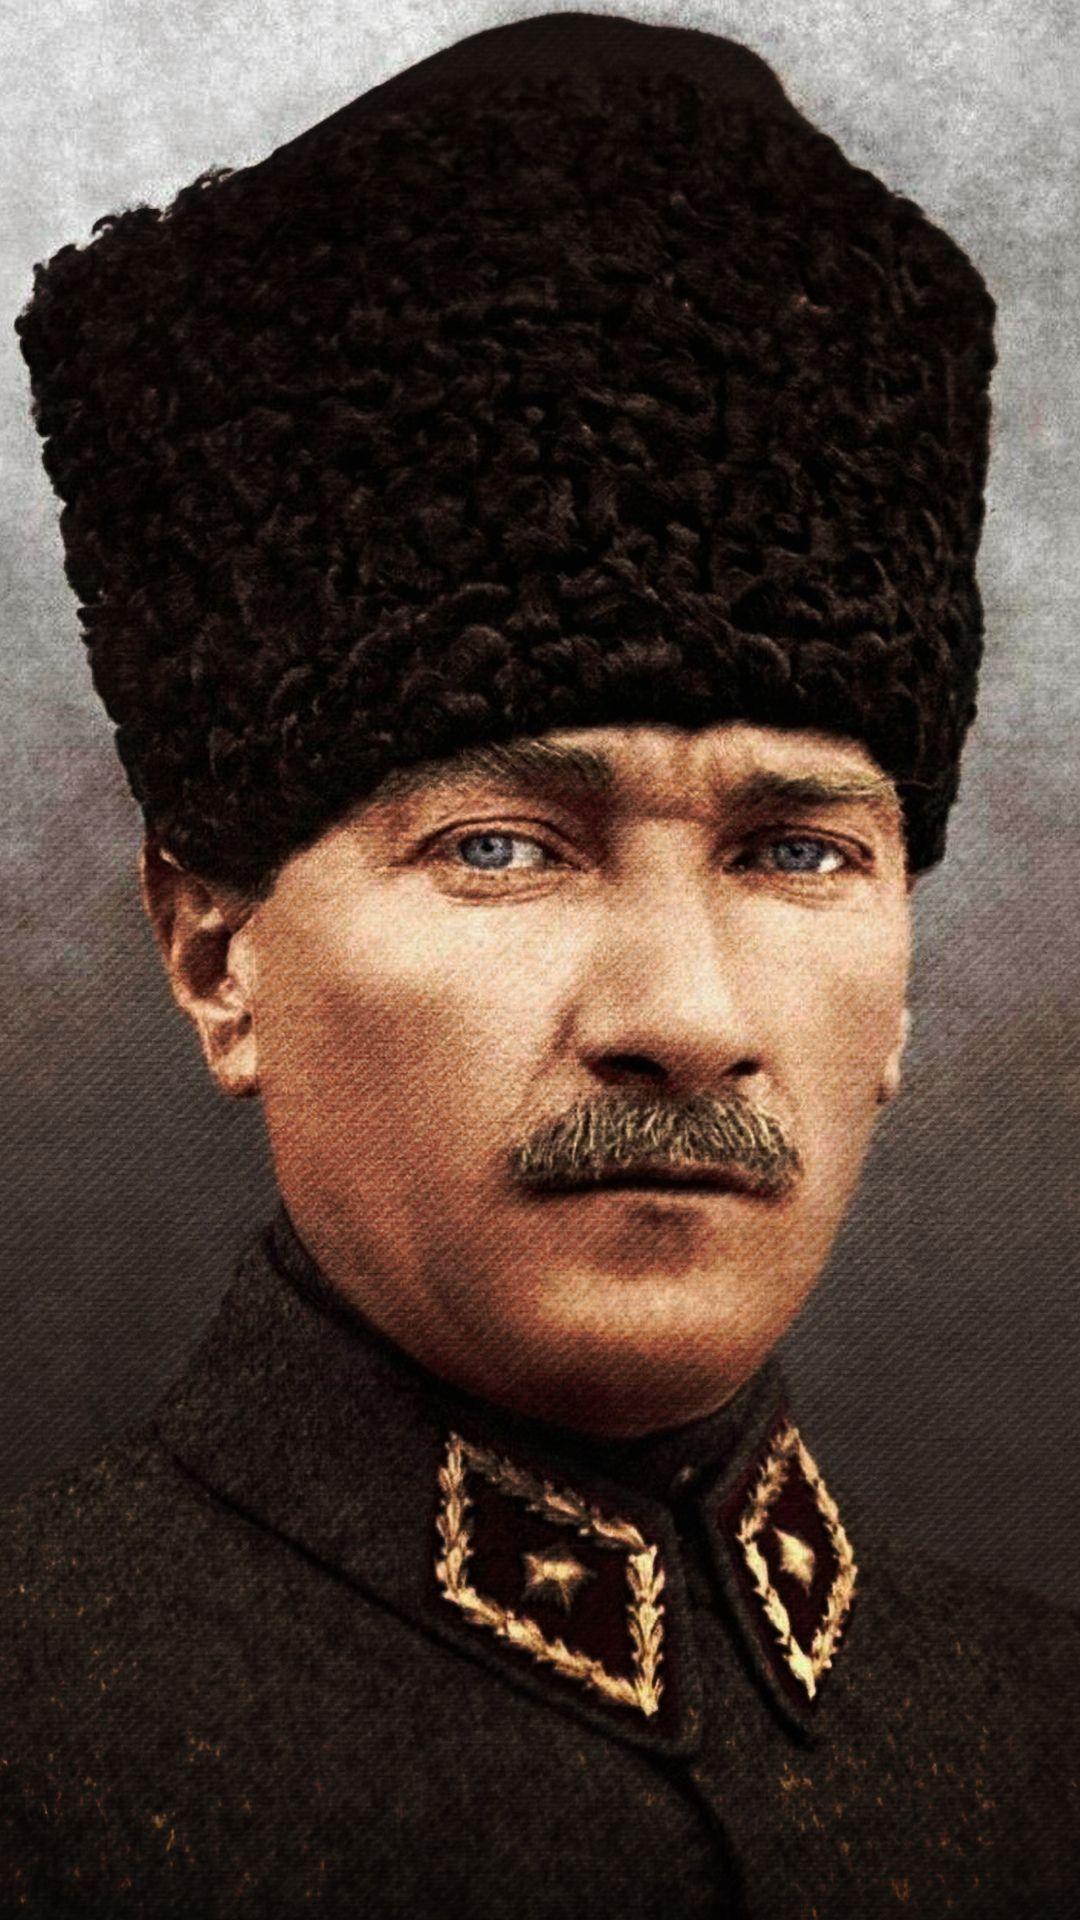 Atatürk renkli resim indir, Ataturk resım hizli, resim yükle, indir, hızlı resim url, yükle, Atatürk telefon duvar kagıdı indir, profil resimi, Ataturk resimleri ,Ataturk fotograflari Atatürk-renkli-resim-Ataturk-resım-hizli-resim-yükle-indir-hızlı resim-url-yükle-Atatürk-telefon-duvar-kagıdı-indir-profil-resimi-Ataturk-resimleri-Ataturk-fotograflari  Türkiyyenin  tarihi liderlerinden biri de Mustafa Kemal Atatürkdür. Türk halkı  Atatürkü kendi kahramanı ve lideri larak gördüğü için belkide  Türkiyyede  en çok sevilen bir tarihi şahısdır. Bu günkü yayınımızda Atatürkün renkli resimlerini size takdim edeceğiz. İsteyen telefonuna indirerek telefon duvar kağıdı olarak kullana bilir ve ya instagram ve facebook profillerinde paylaşa bilirler. Hızlı resim indirmenin bize  sağladığı imkanlardan yararlanarak Atatürkün renkli resimlerini hd olarak ücretsiz indire bilirsiniz. Resimin üzerine basılı tutarak açılan pencerede resmi indir yazısına tıklayarak fotoğrafları indire bilirsiniz     ATATÜRK'ÜN HAYATI KISACA Mustafa Kemal Atatürk 1881 yılında Selanik'te doğdu. Ali Rıza Efendi babası,  Zübeyde Hanım ise annesidir. Mustafa Kemal Atatürk'ün eğitim aldığı okullar baştan sona     şöyledir; ilkokul eğitimini Mahalle Mektebinde ve Şemsi Efendi Okulunda, ortaokul eğitimini  Selanik Mülkiye Rüştiyesi ve Selanik Askeri Rüştiyesinde, lise eğitimini Selanik Askeri  İdadisi, üniversite eğitimini ise Harp Okulu ve Harp Akademisinde almıştır. 1893 yılında  Askeri Rüştiye'de okurken matematik öğretmeni ona Kemal ismini verdi ve böylece ismi  Mustafa Kemal oldu.  I. Dünya Savaşı nihayete erdiğinde Mondros Ateşkes antlaşması imzalanması ile vatan  topraklarını paylaşılacaktı. Fakat duruma el koyan Mustafa Kemal, 19 Mayıs 1919'da     Samsun'a çıkarak milli mücadelenin temellerini attı.23 Nisan 1920 tarihinde TBMM'nin     açılmasına önder olan Mustafa Kemal Meclis tarafından da Hükümet Başkanı seçildi. 5  Ağustos 1921'de yine Meclis tarafından Başkomutan seçildi. Sakarya Savaşı'nın  kazanıl